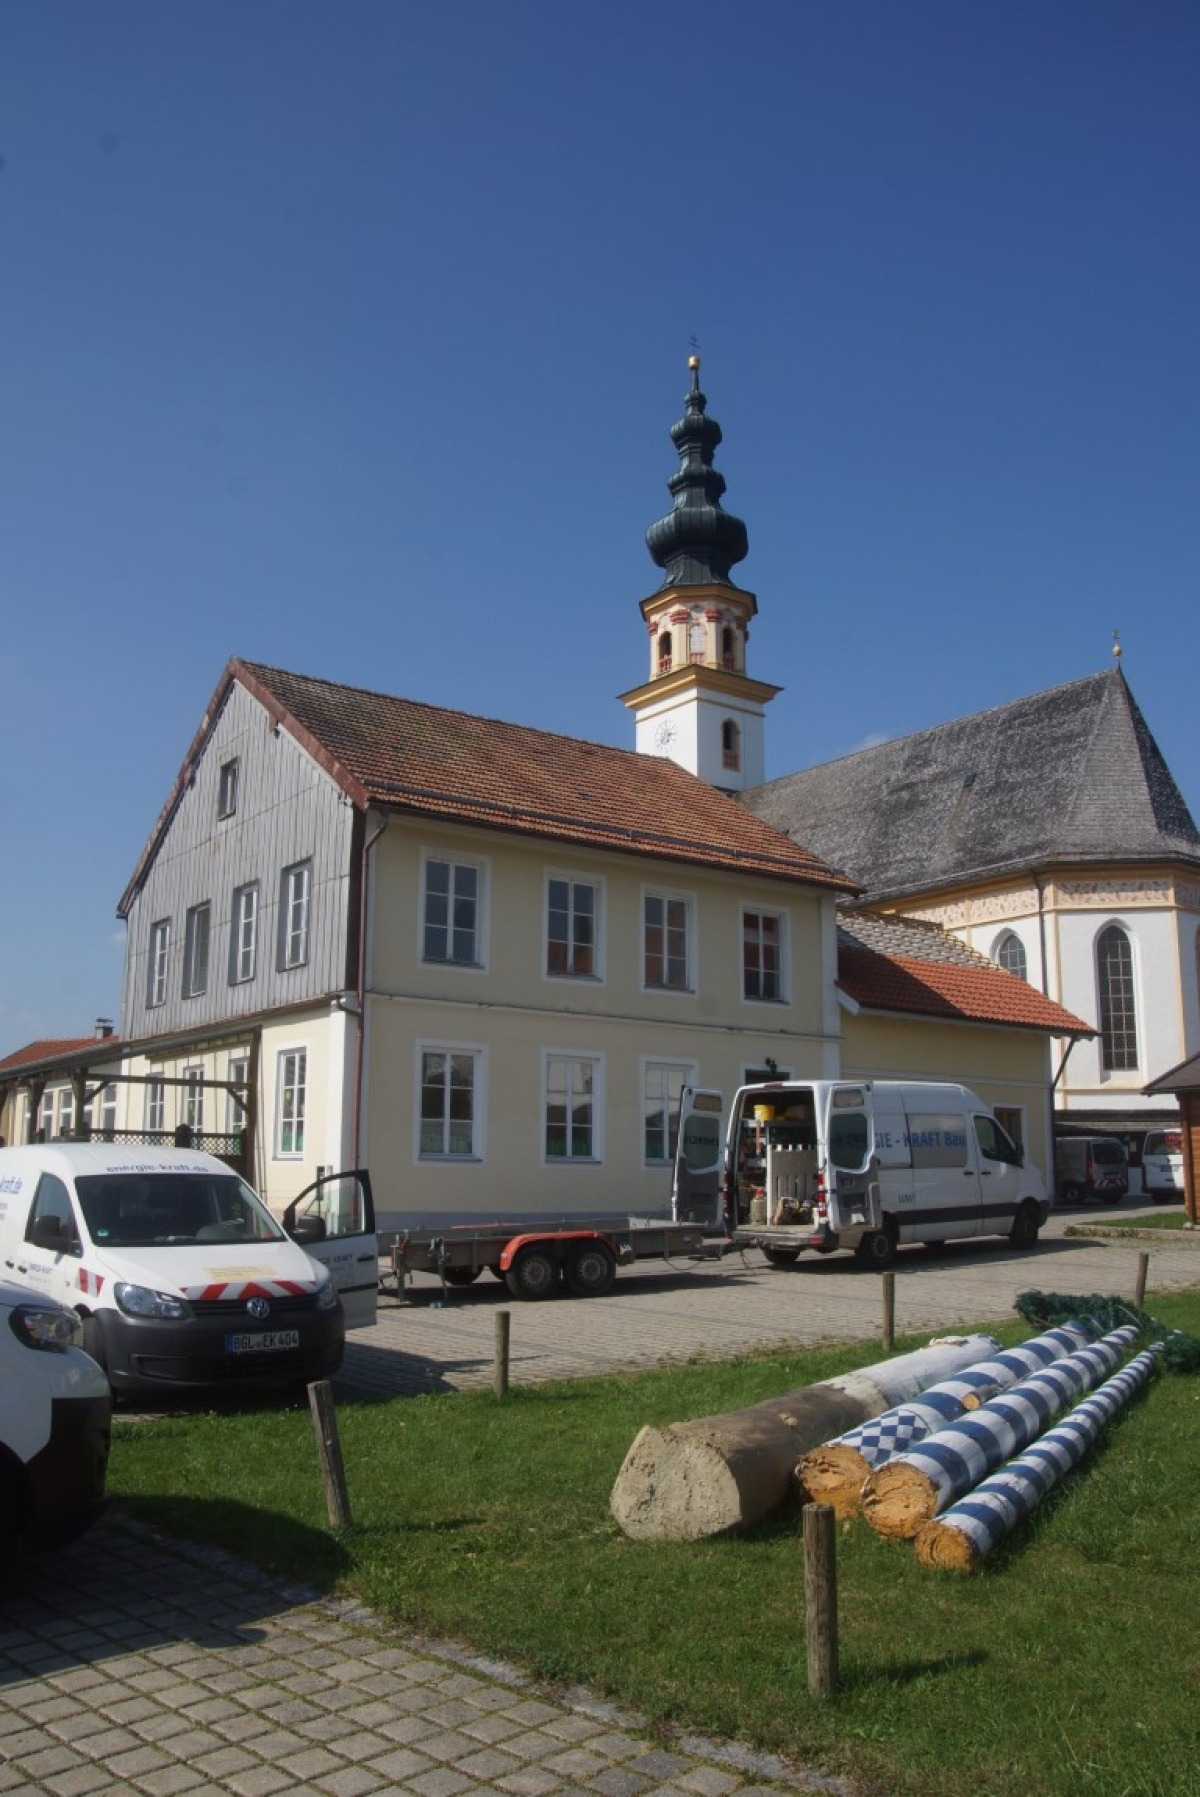 Der Maibaum in St. Leonhard musste für die künftigen Abriss- und Bauarbeiten am alten Kindergarten (im Hintergrund), der durch das neue Bürgerhaus ersetzt wird, bereits weichen.